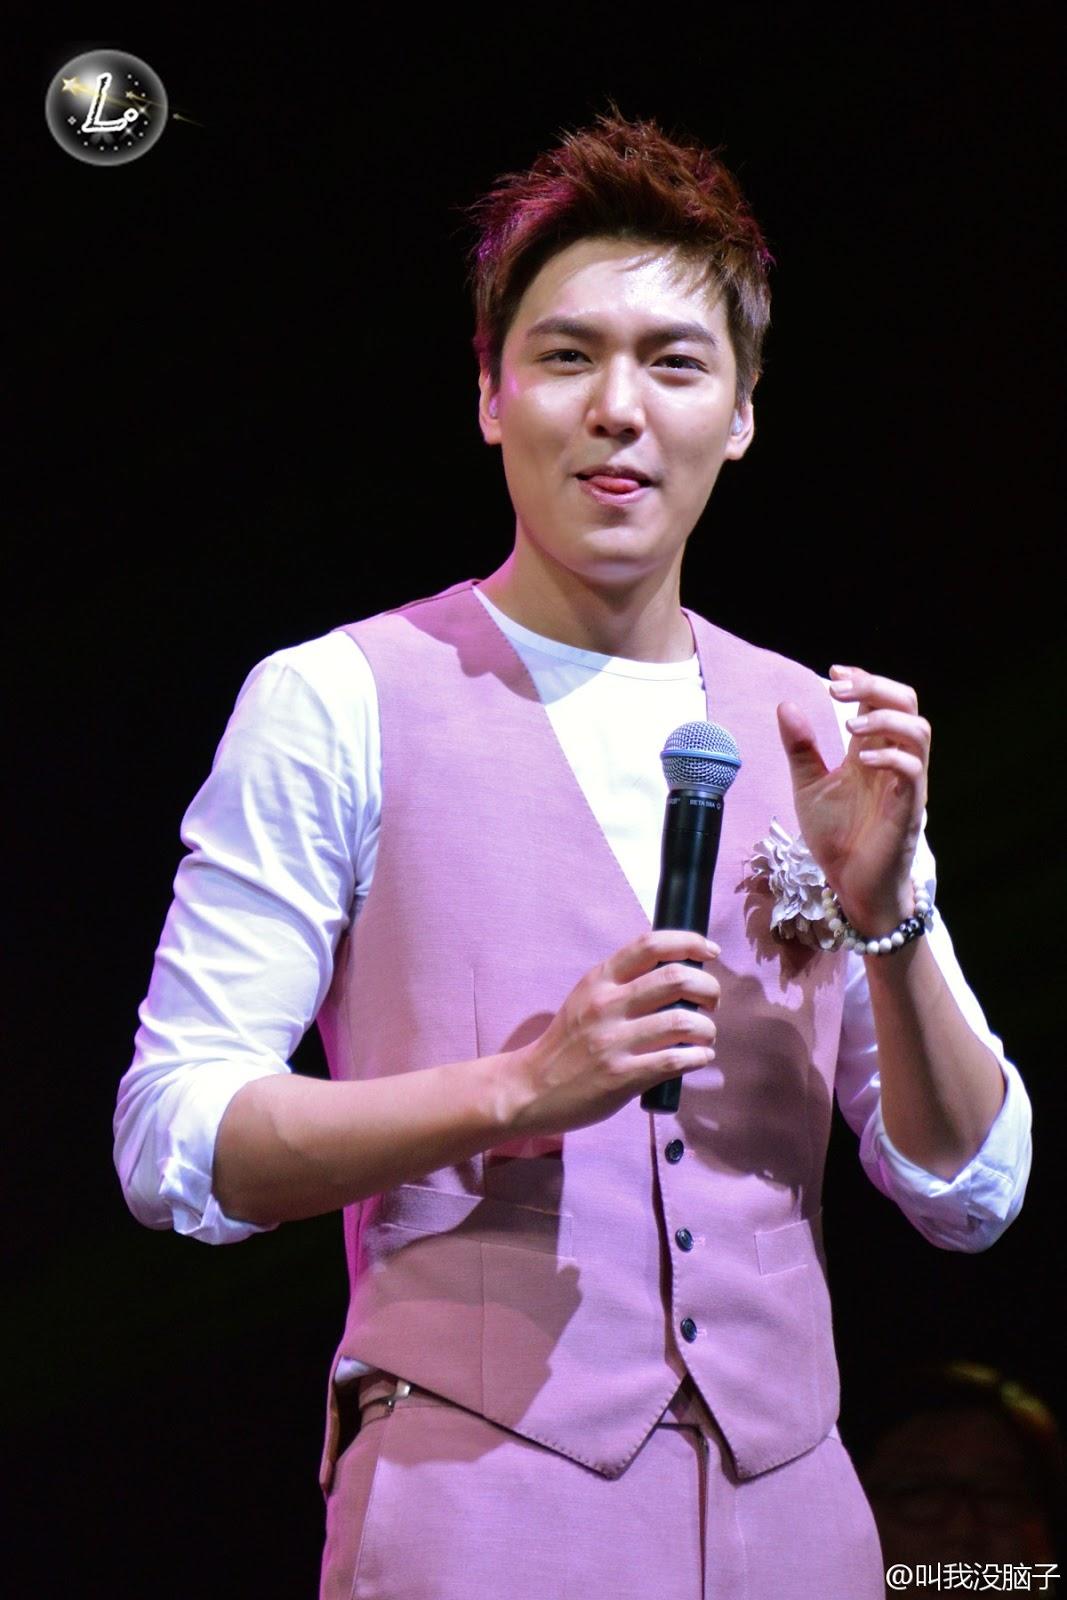 Fan háo hức vì sắp được gặp lại Lee Min Ho